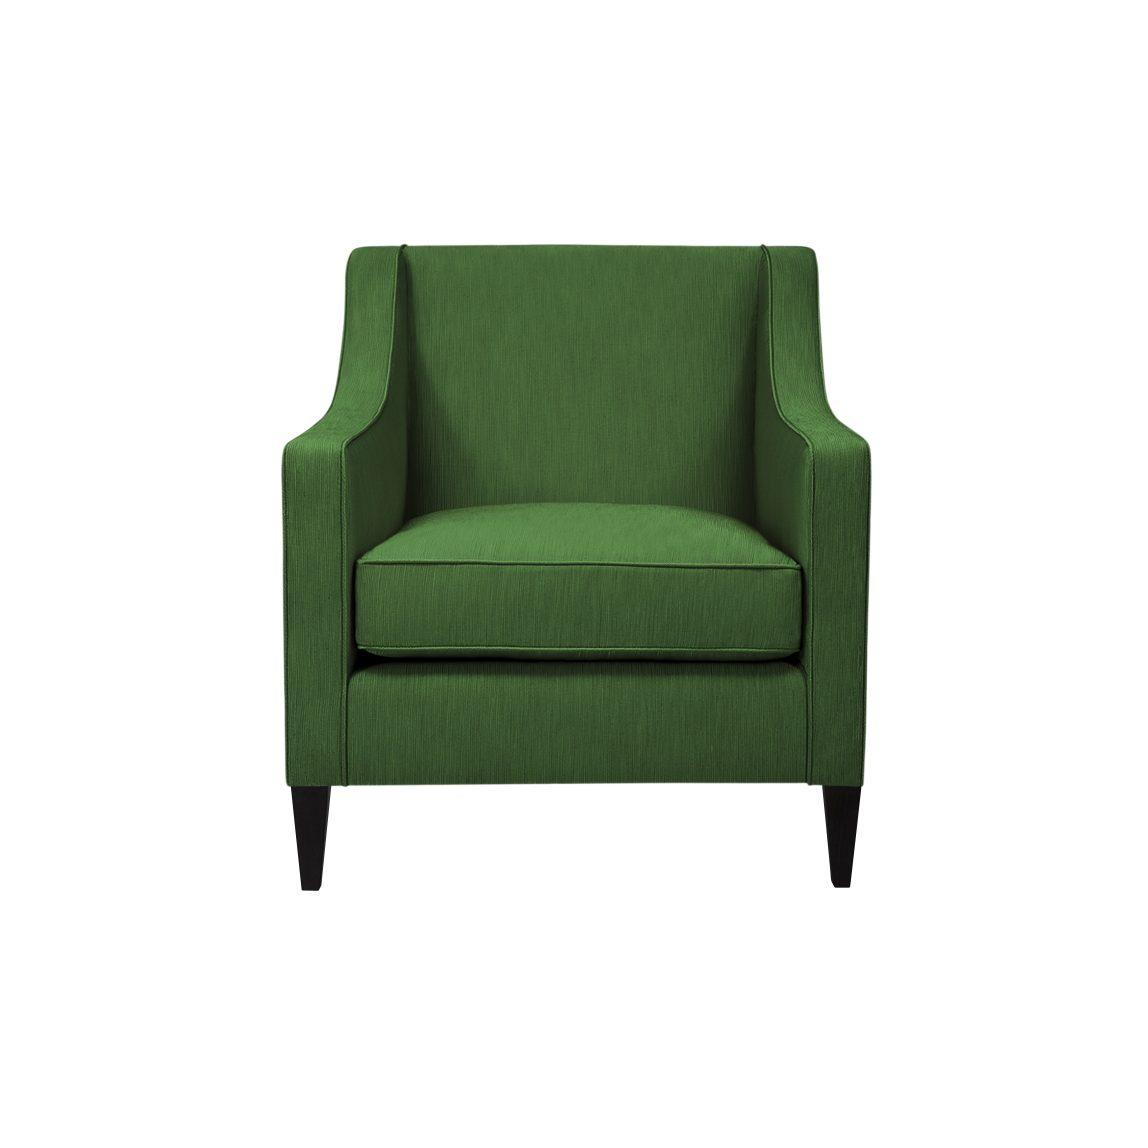 Мягкое удобное кресло Патрик с покатыми подлокотниками